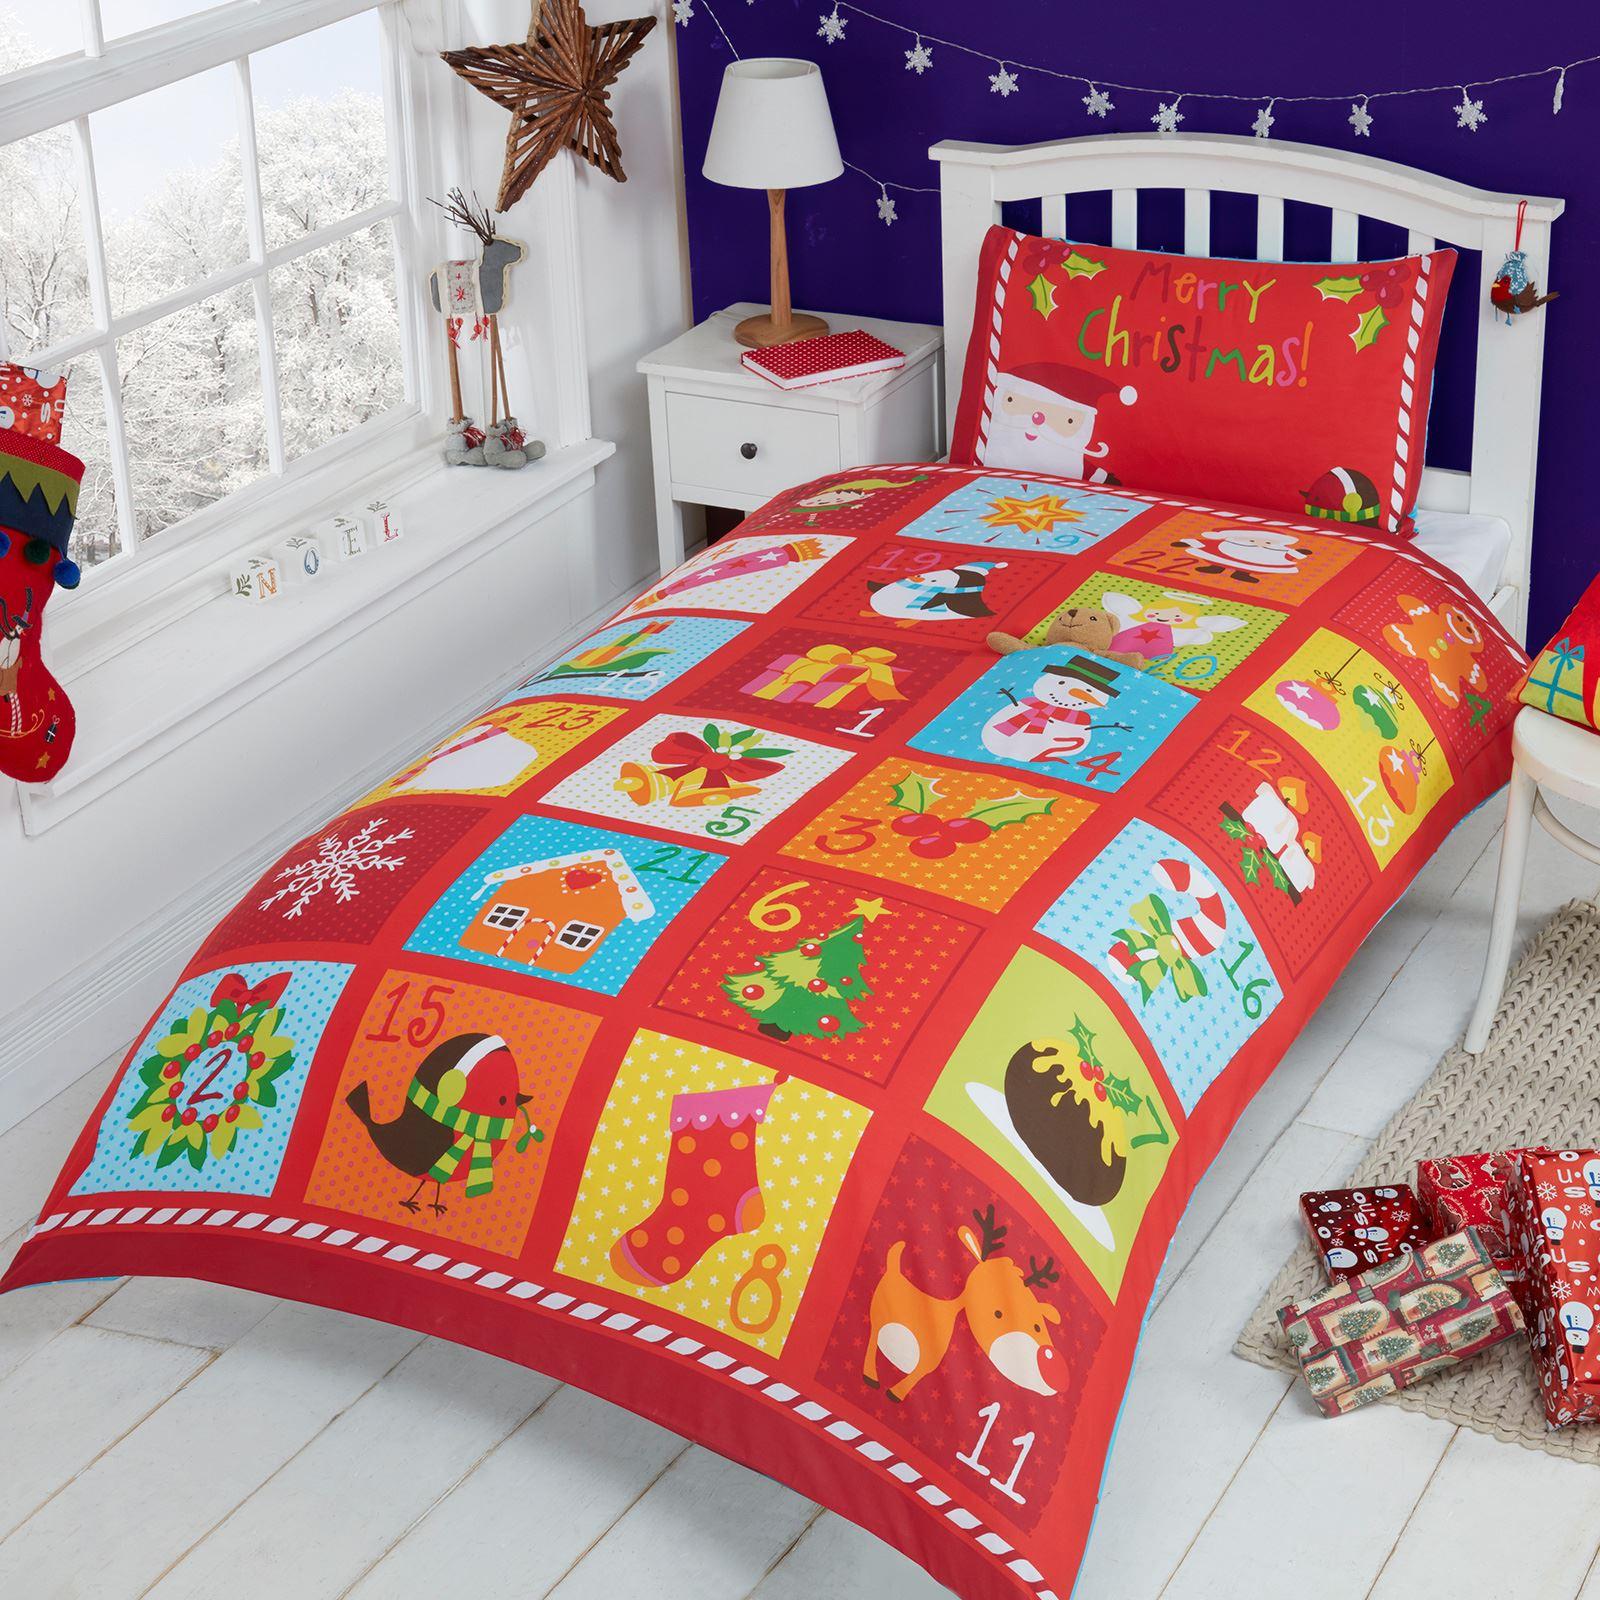 Indexbild 3 - Kinder Weihnachten Bettbezug Sets - Junior Einzel Doppel King - Elf Emoji Grinch